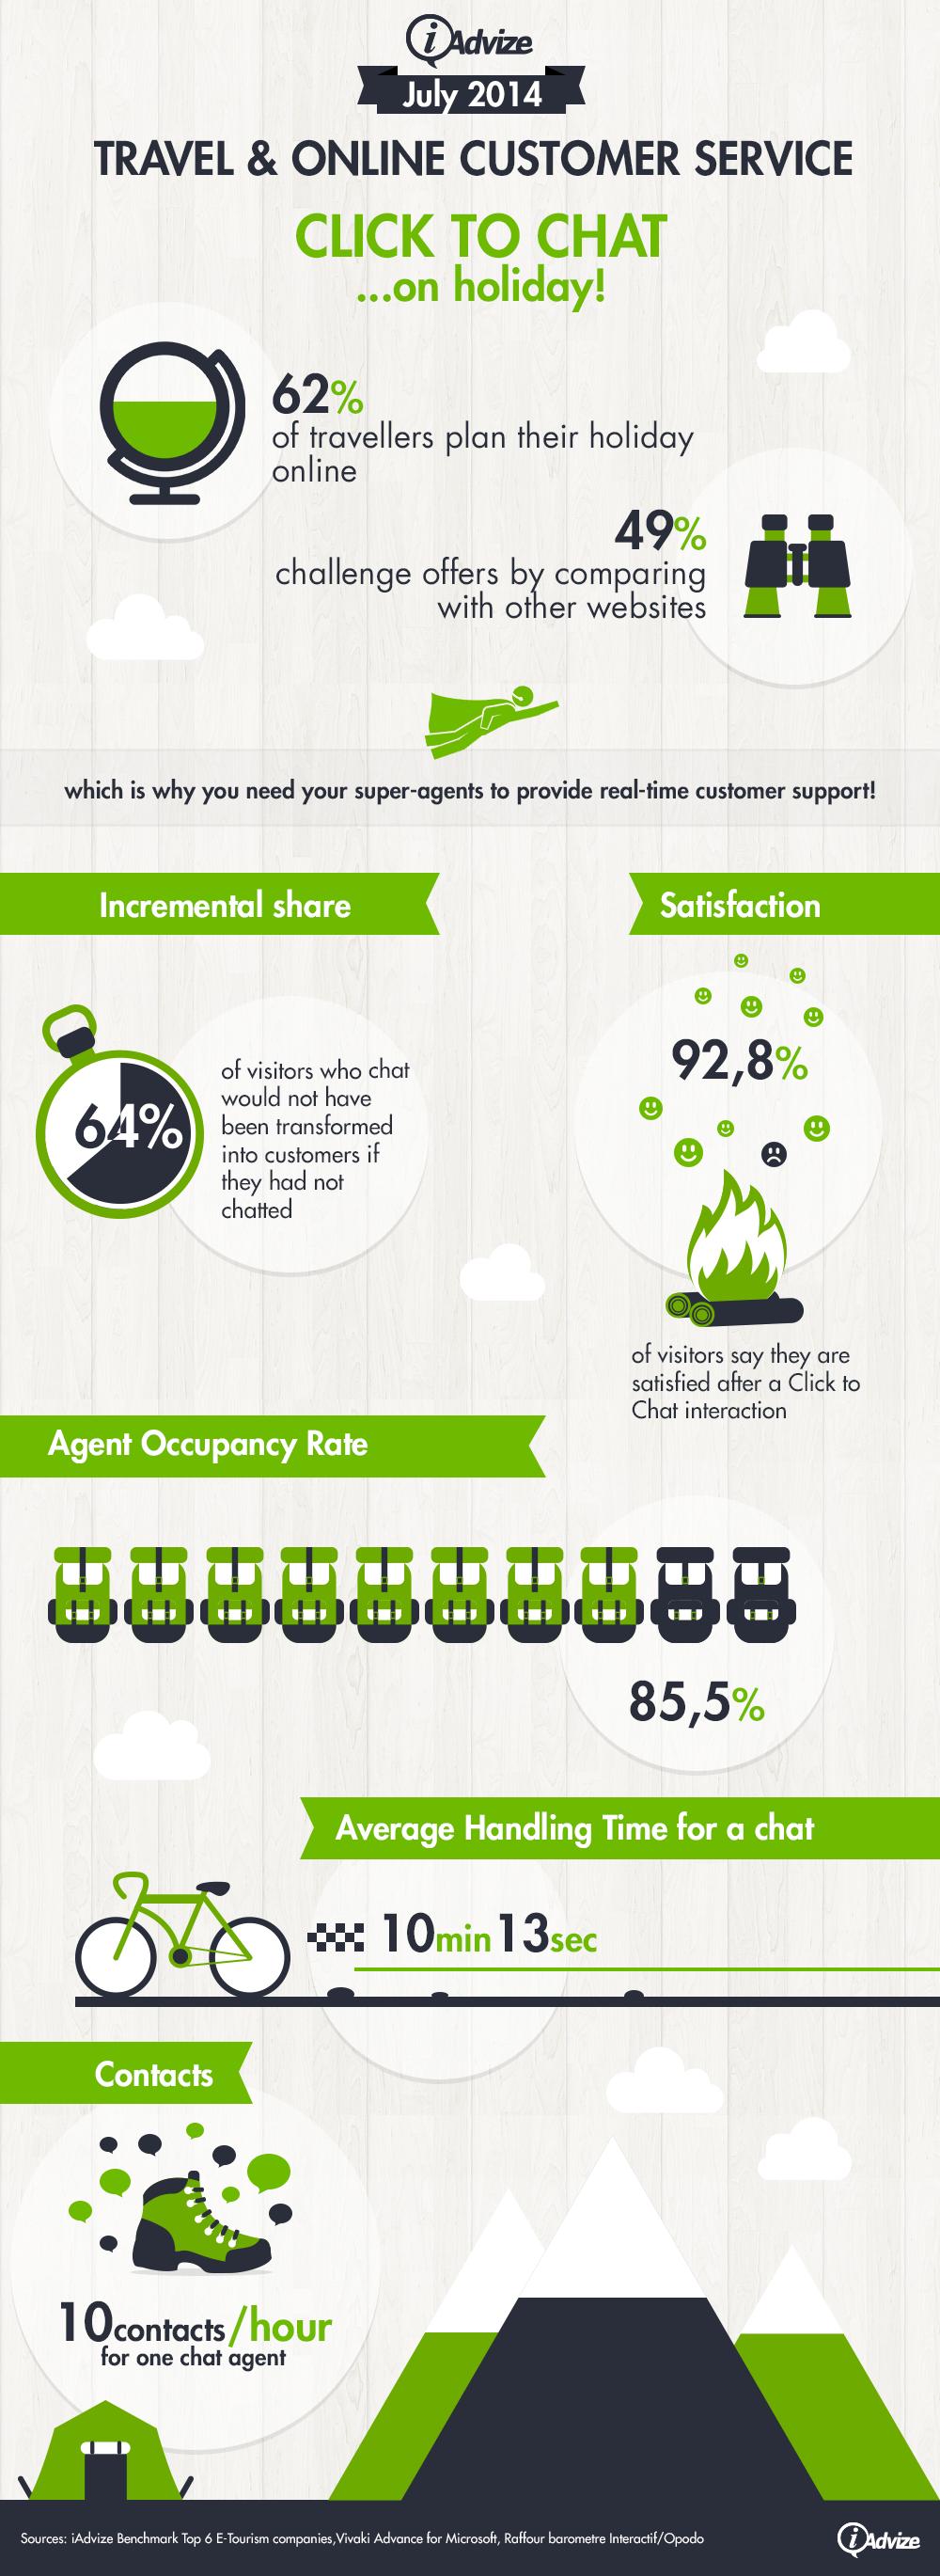 infographic-travel